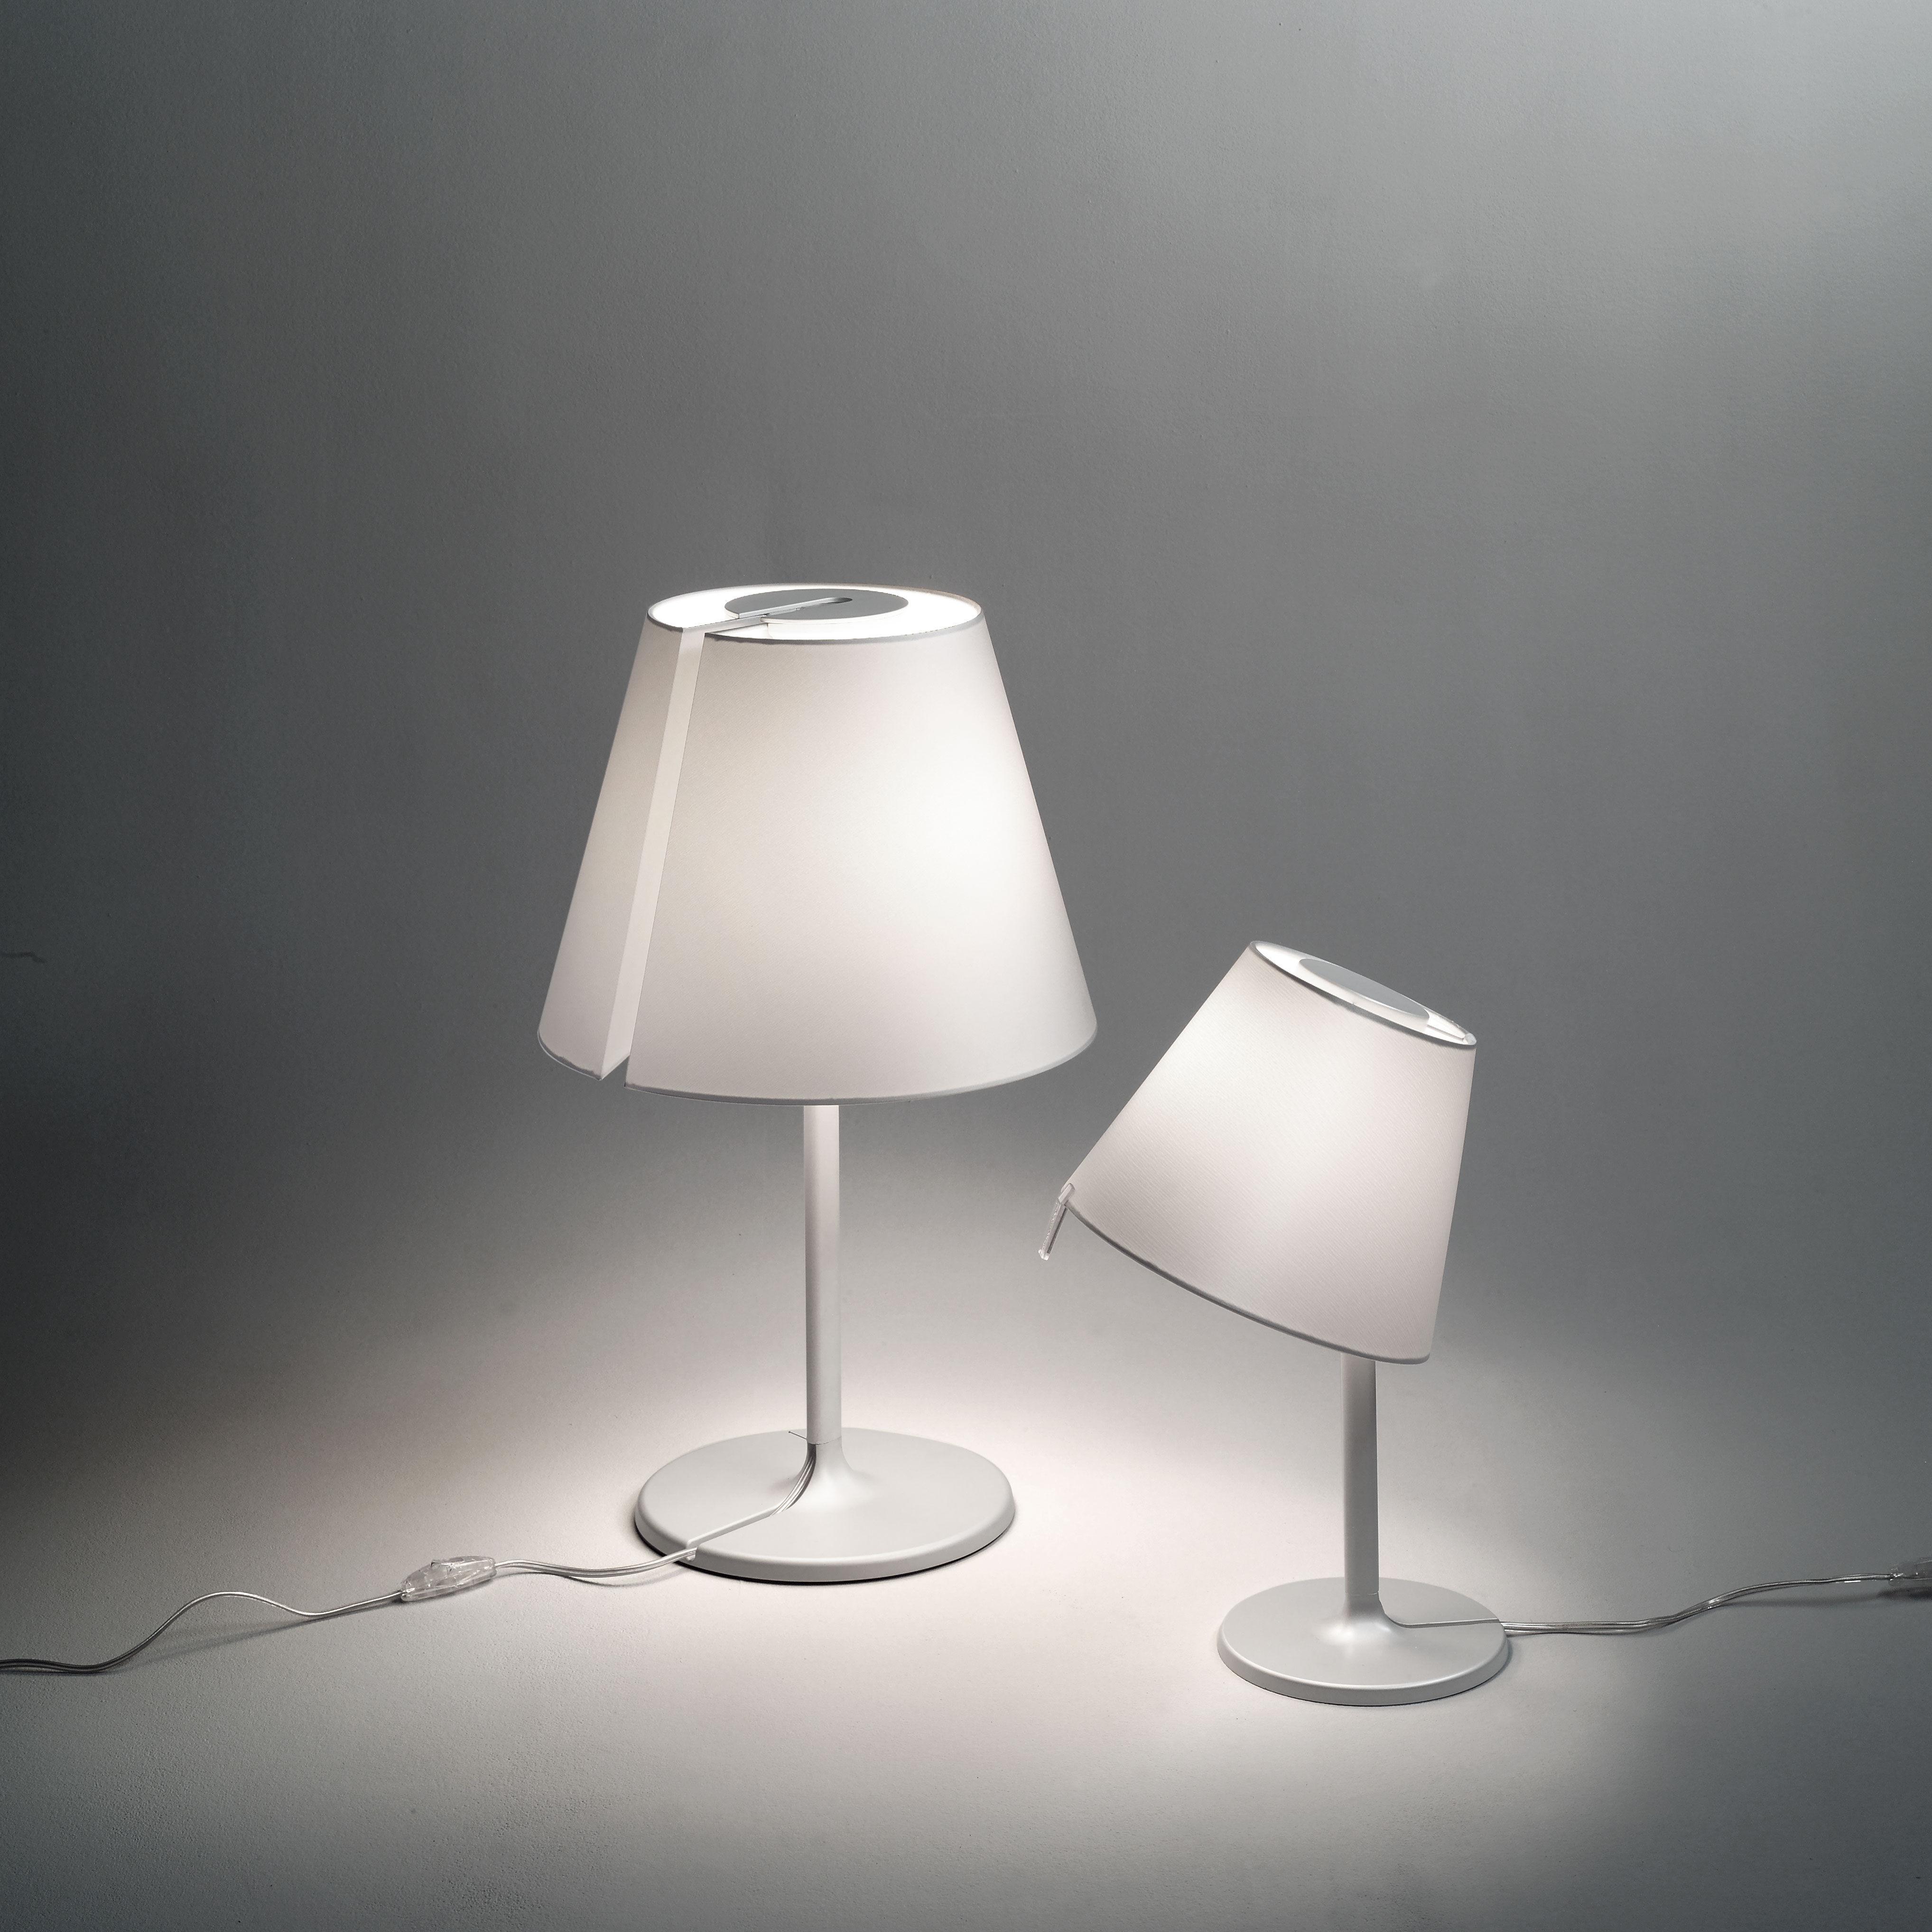 Lampade Da Parete Artemide: Images : lampade da tavolo artemide ...